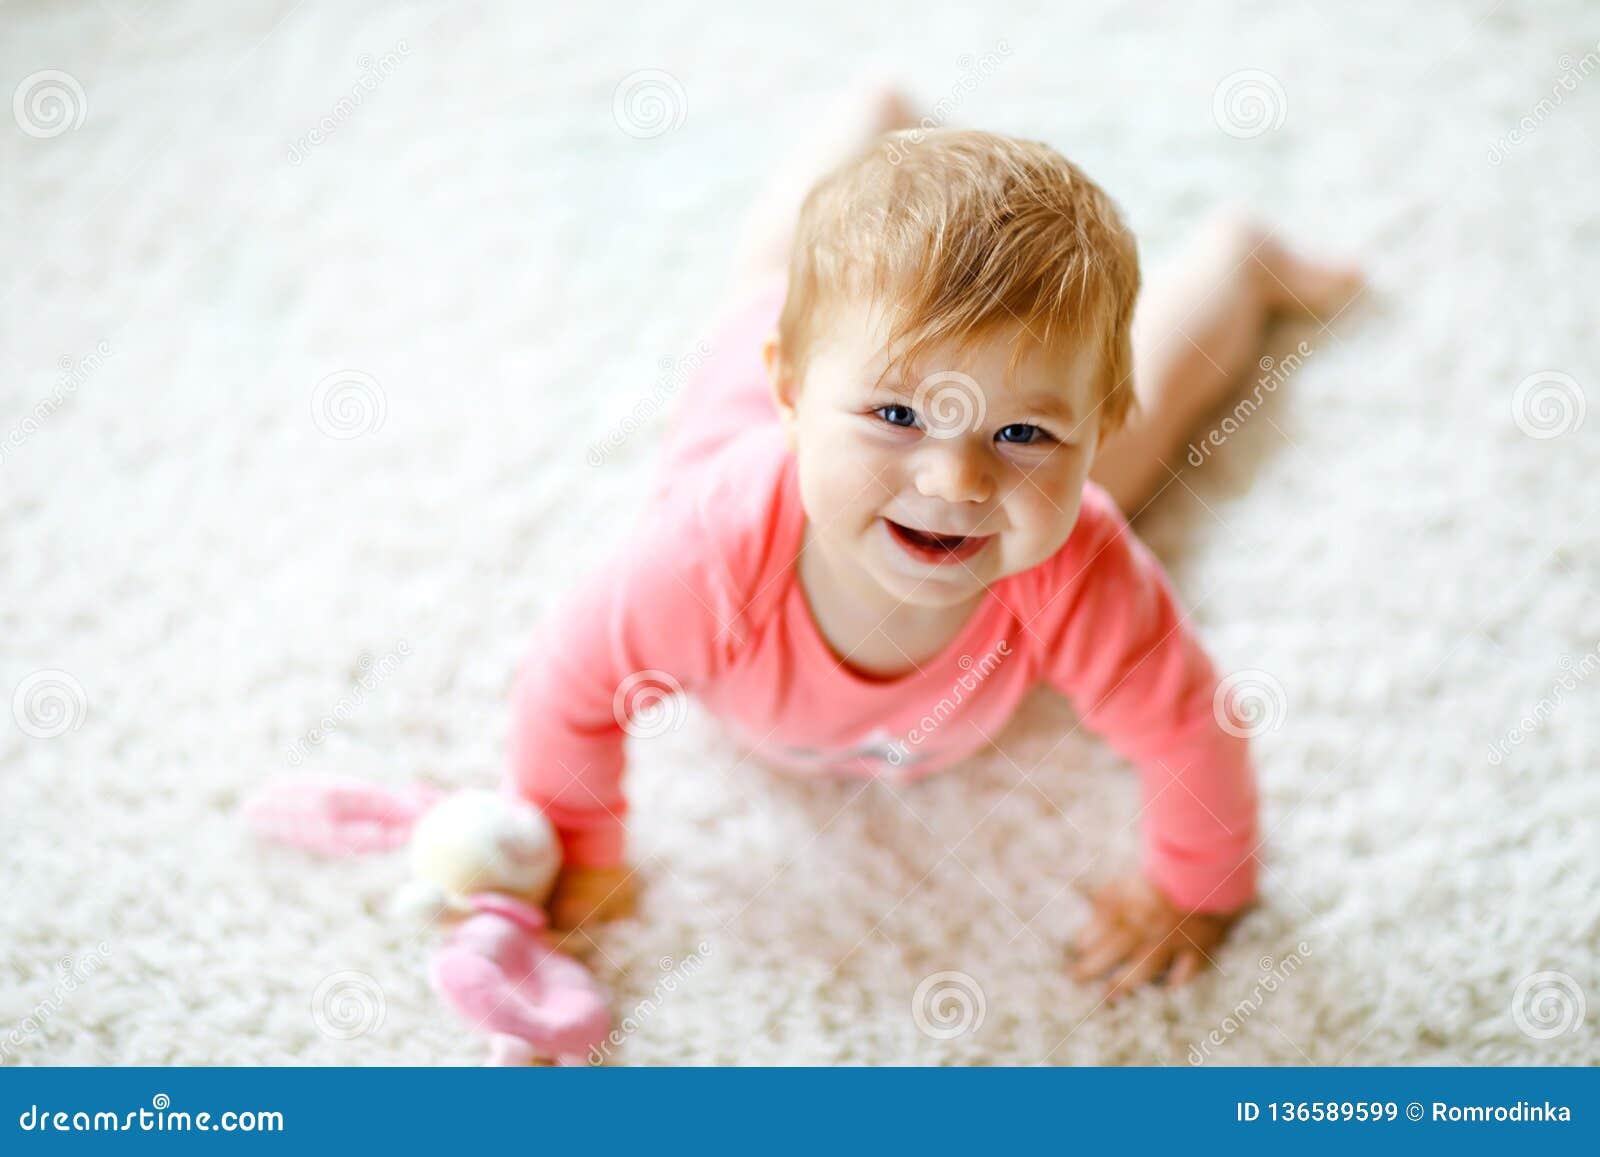 Piccola neonata sveglia che impara strisciare Bambino in buona salute che striscia nella stanza dei bambini con i giocattoli vari